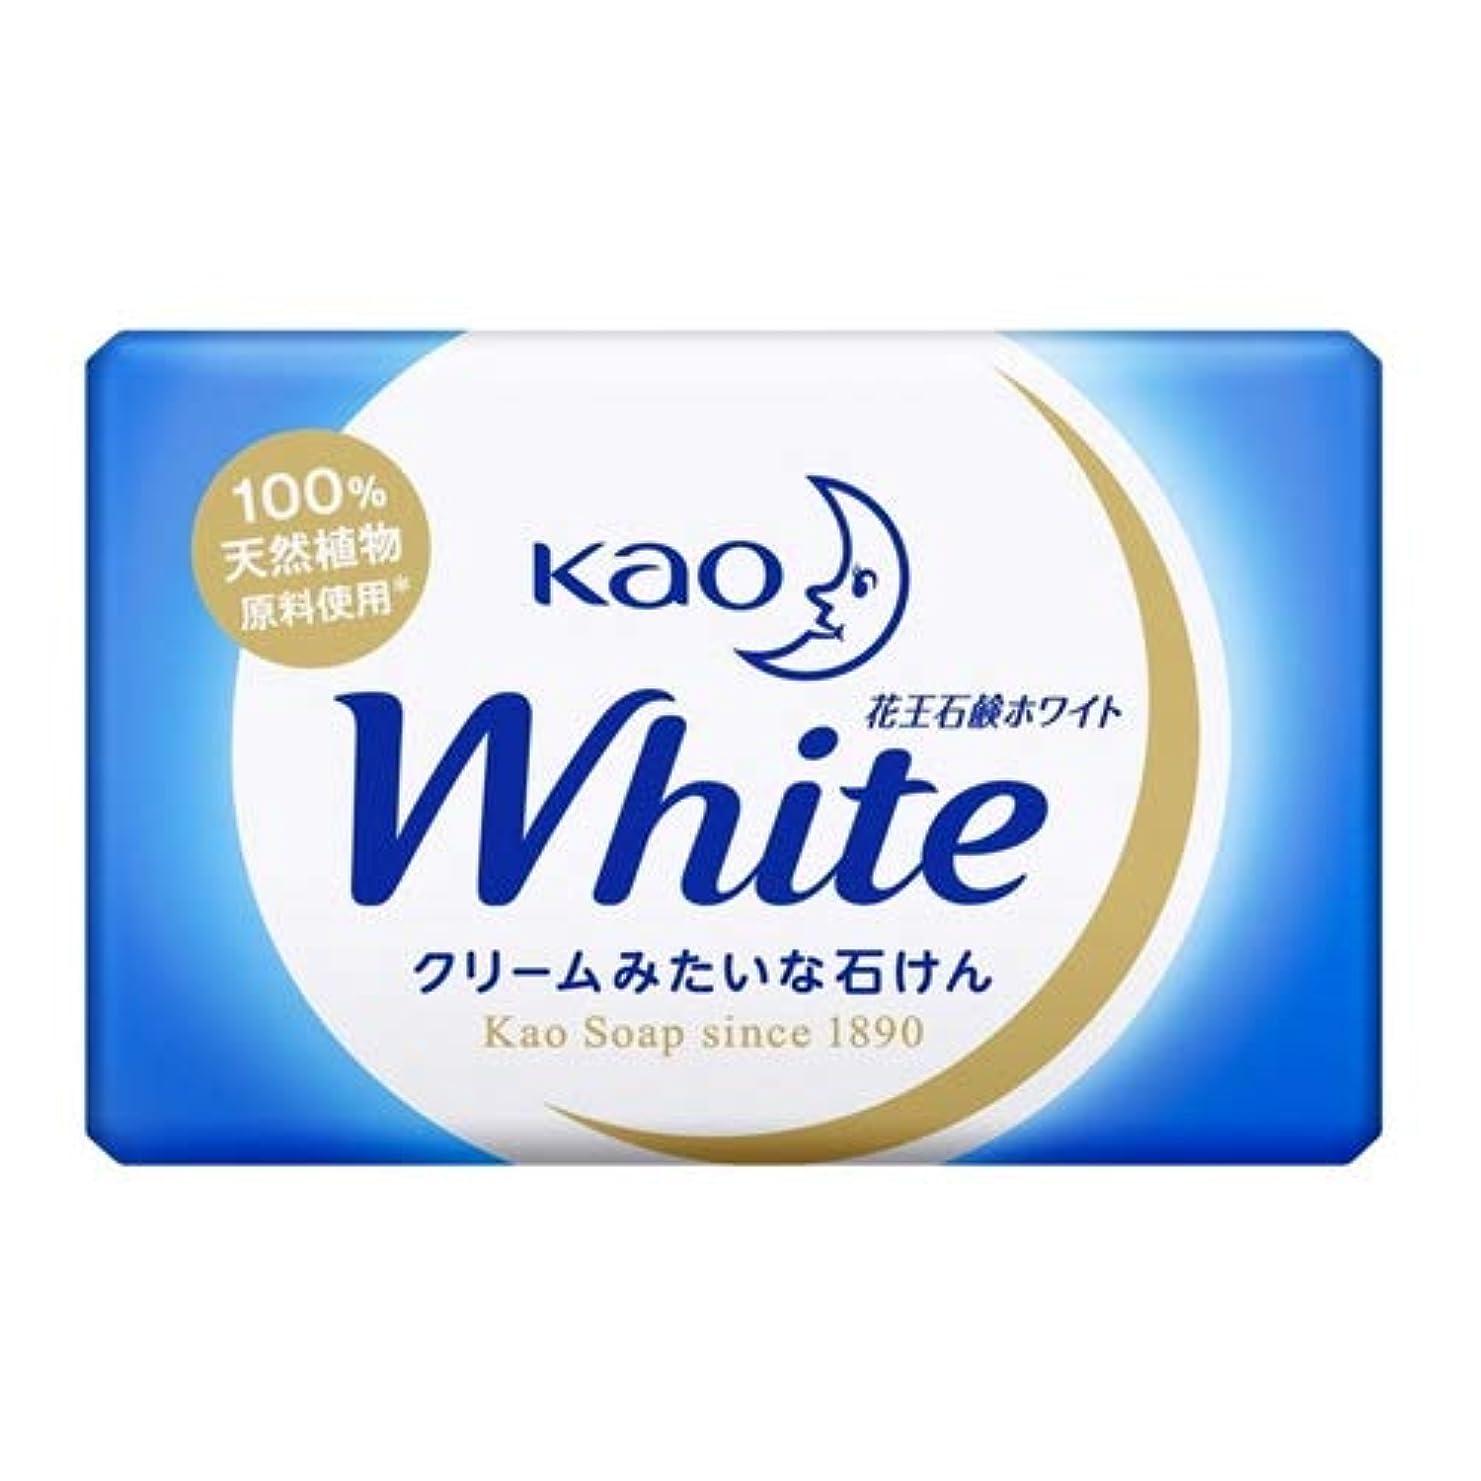 移行する補充数花王石鹸ホワイト 業務用ミニサイズ 15g × 10個セット